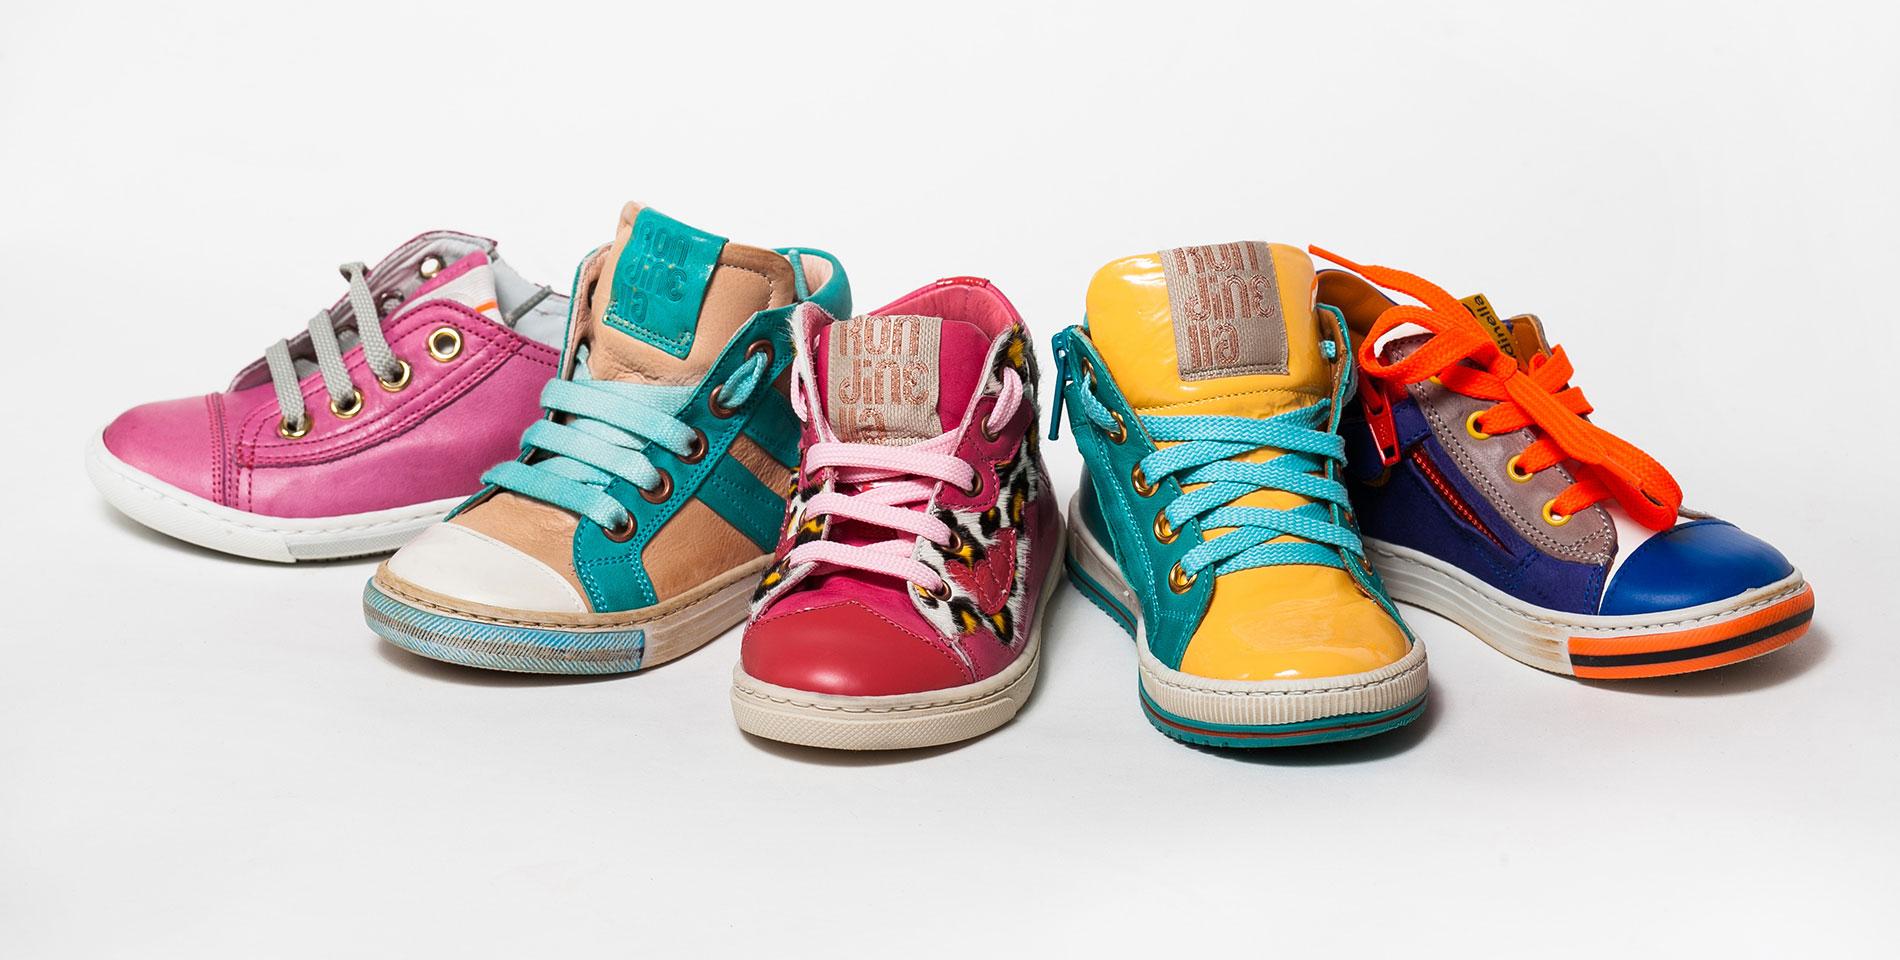 Детская обувь должна быть комфортной и качественной.